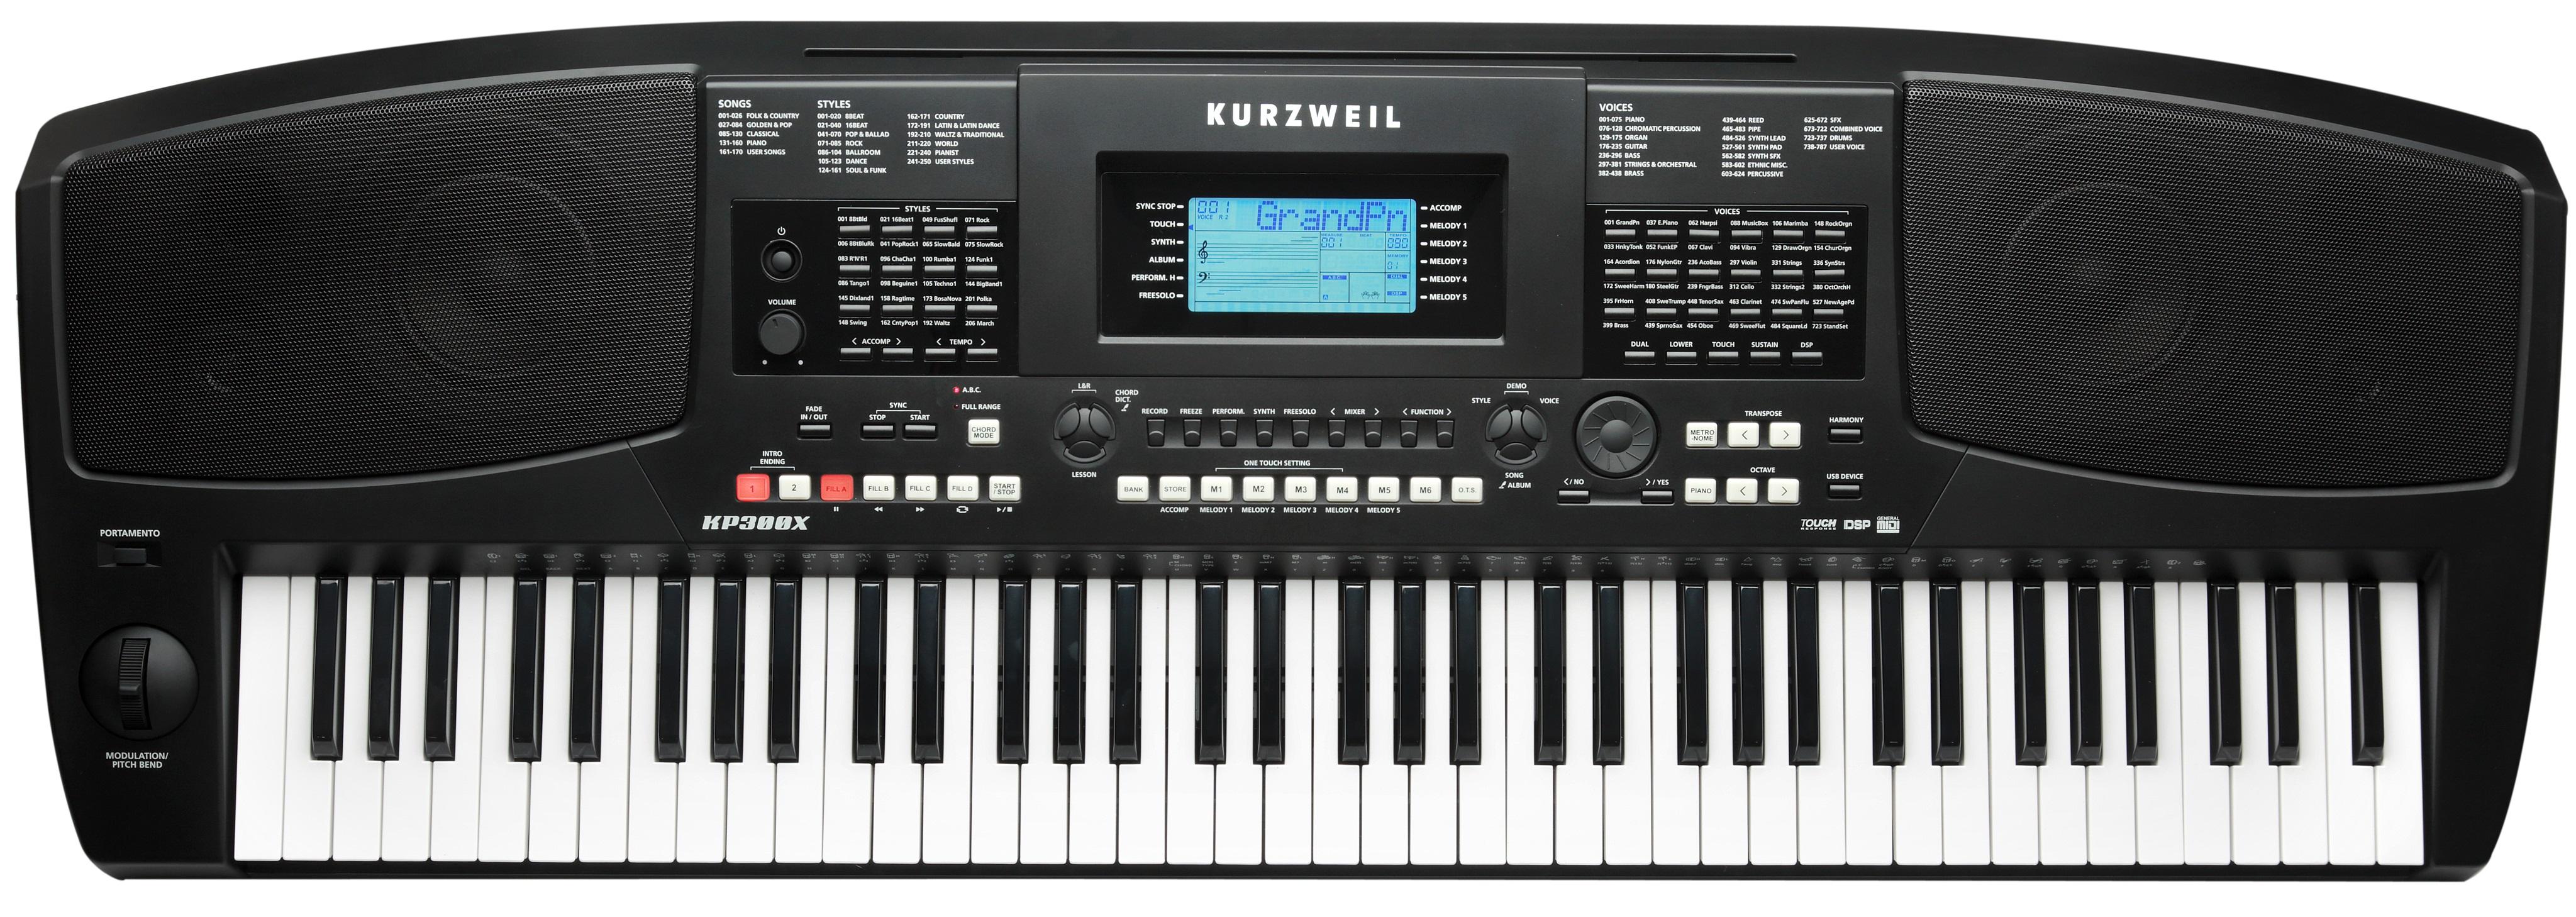 Kurzweil KP300 X (použité)